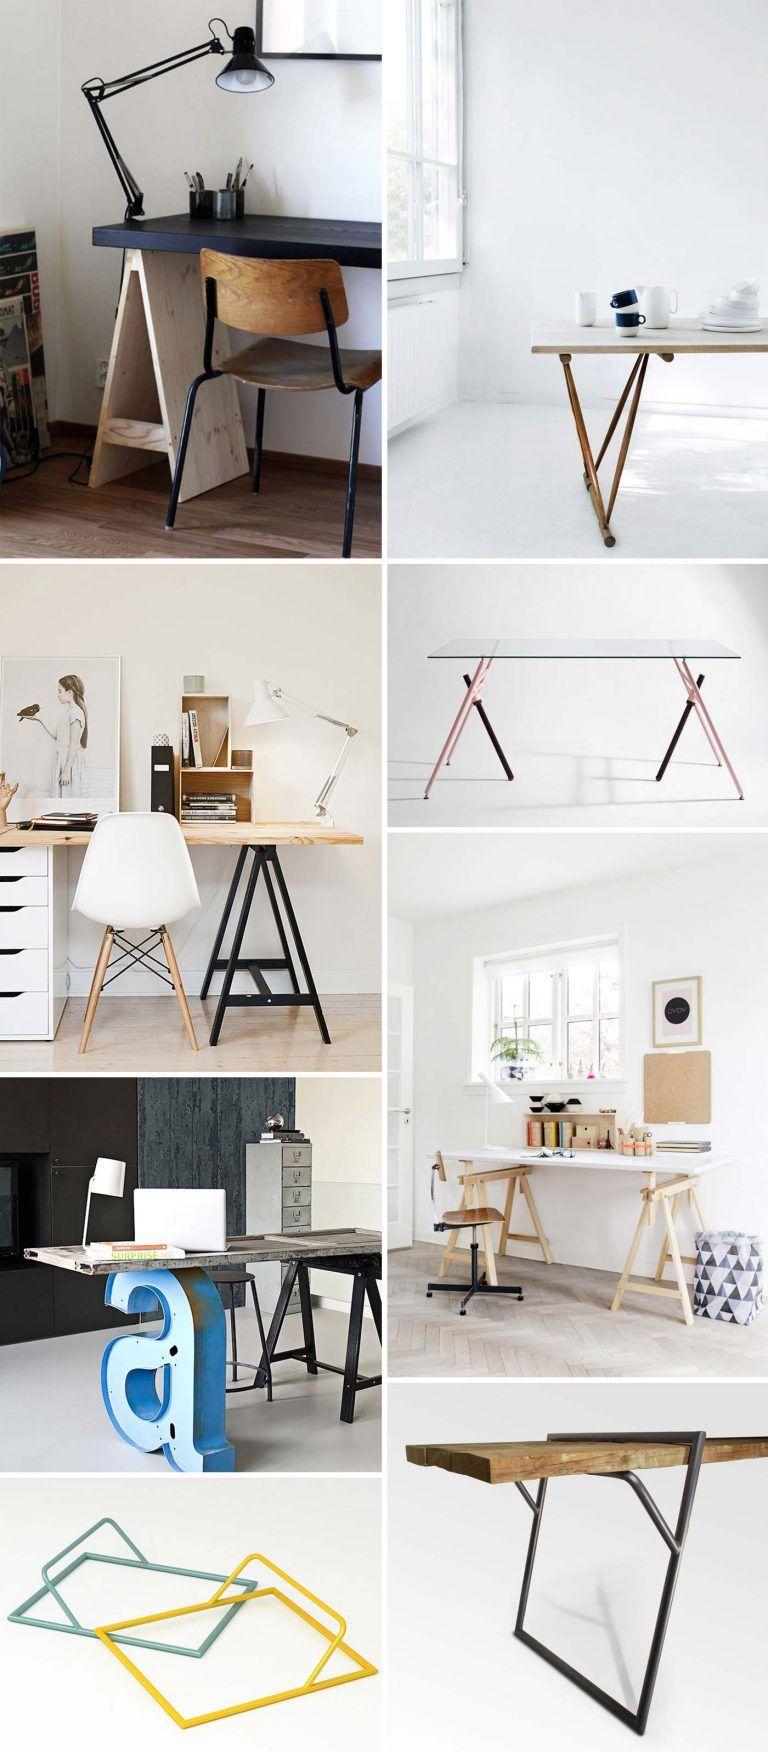 Treteaux 39 Idees Deco Pour Creer Une Table Ou Un Bureau Idee Deco Deco Bureau Deco Maison